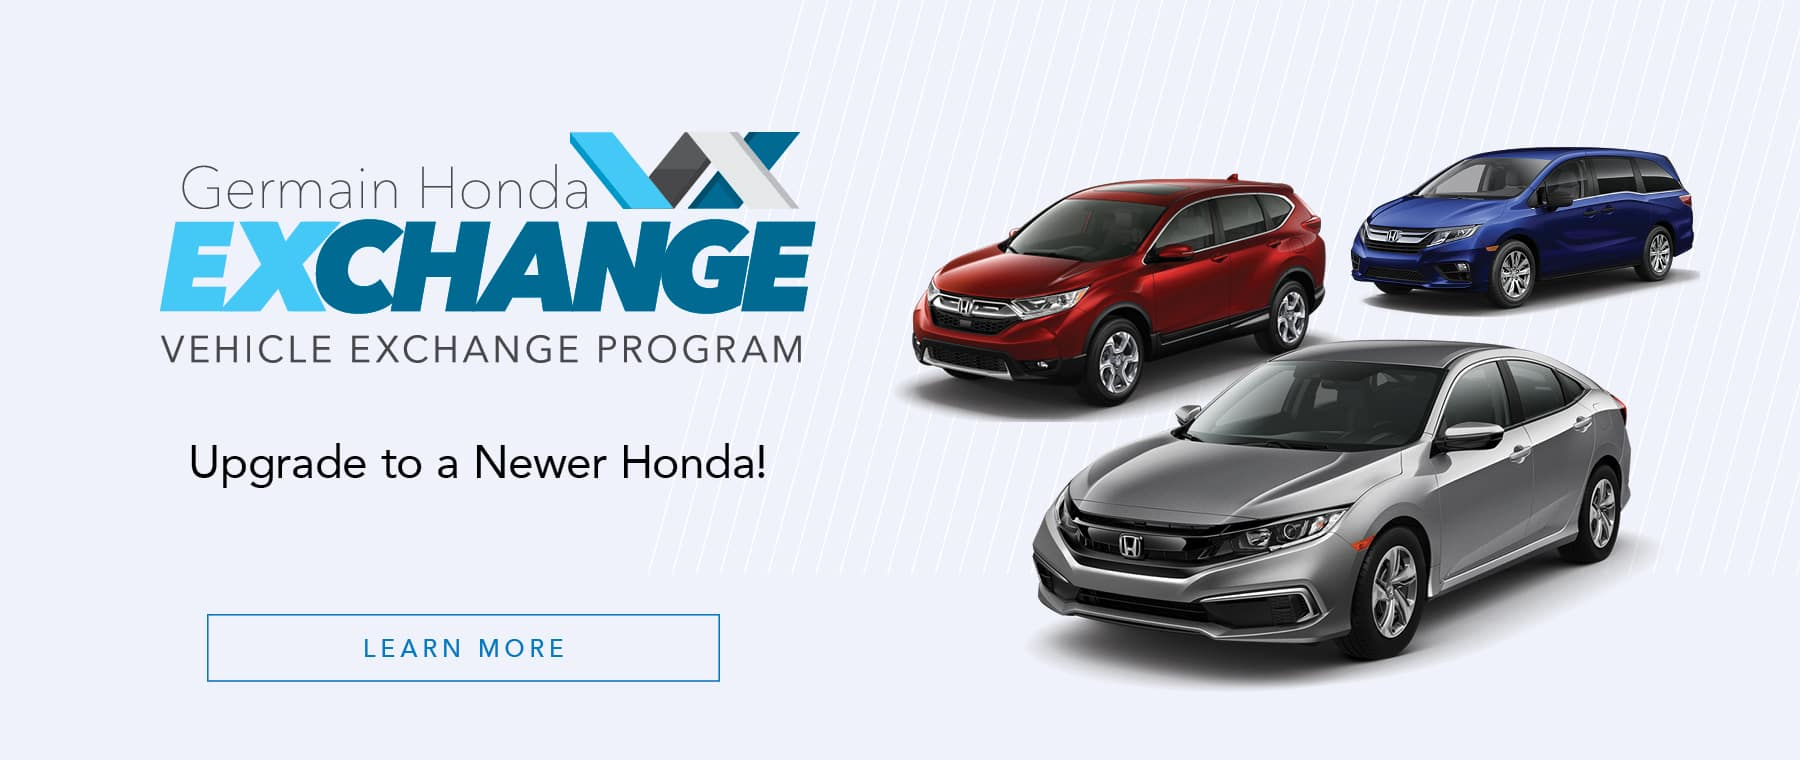 Honda Dealers Dayton Ohio >> Honda Dealers Dayton Ohio | 2019 Deals at Germain Honda of ...